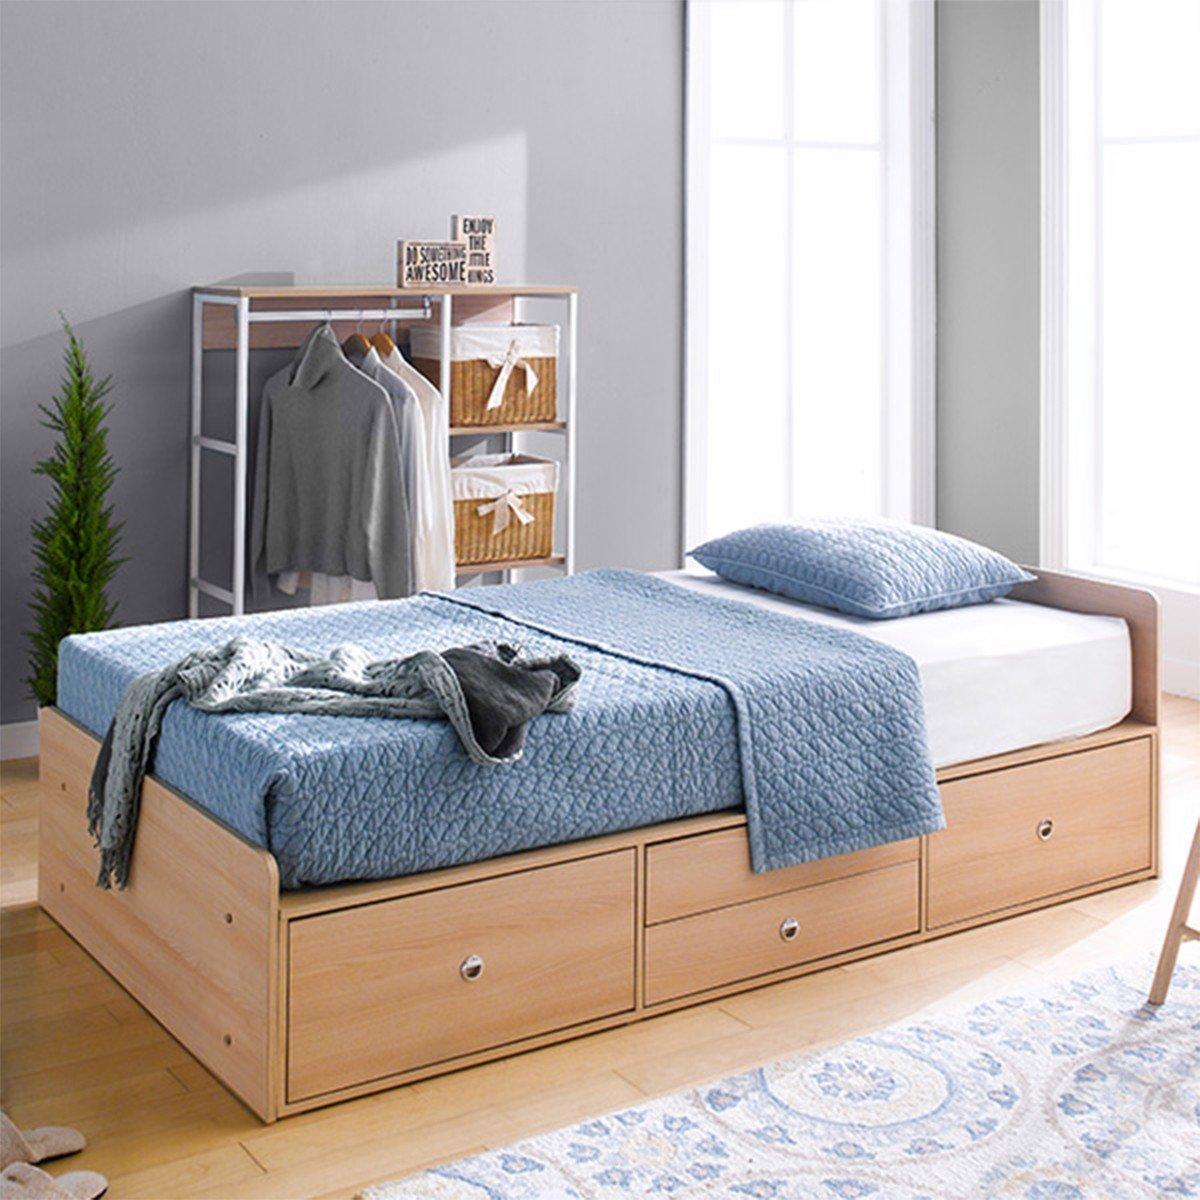 Giường có ngăn kéo size ss